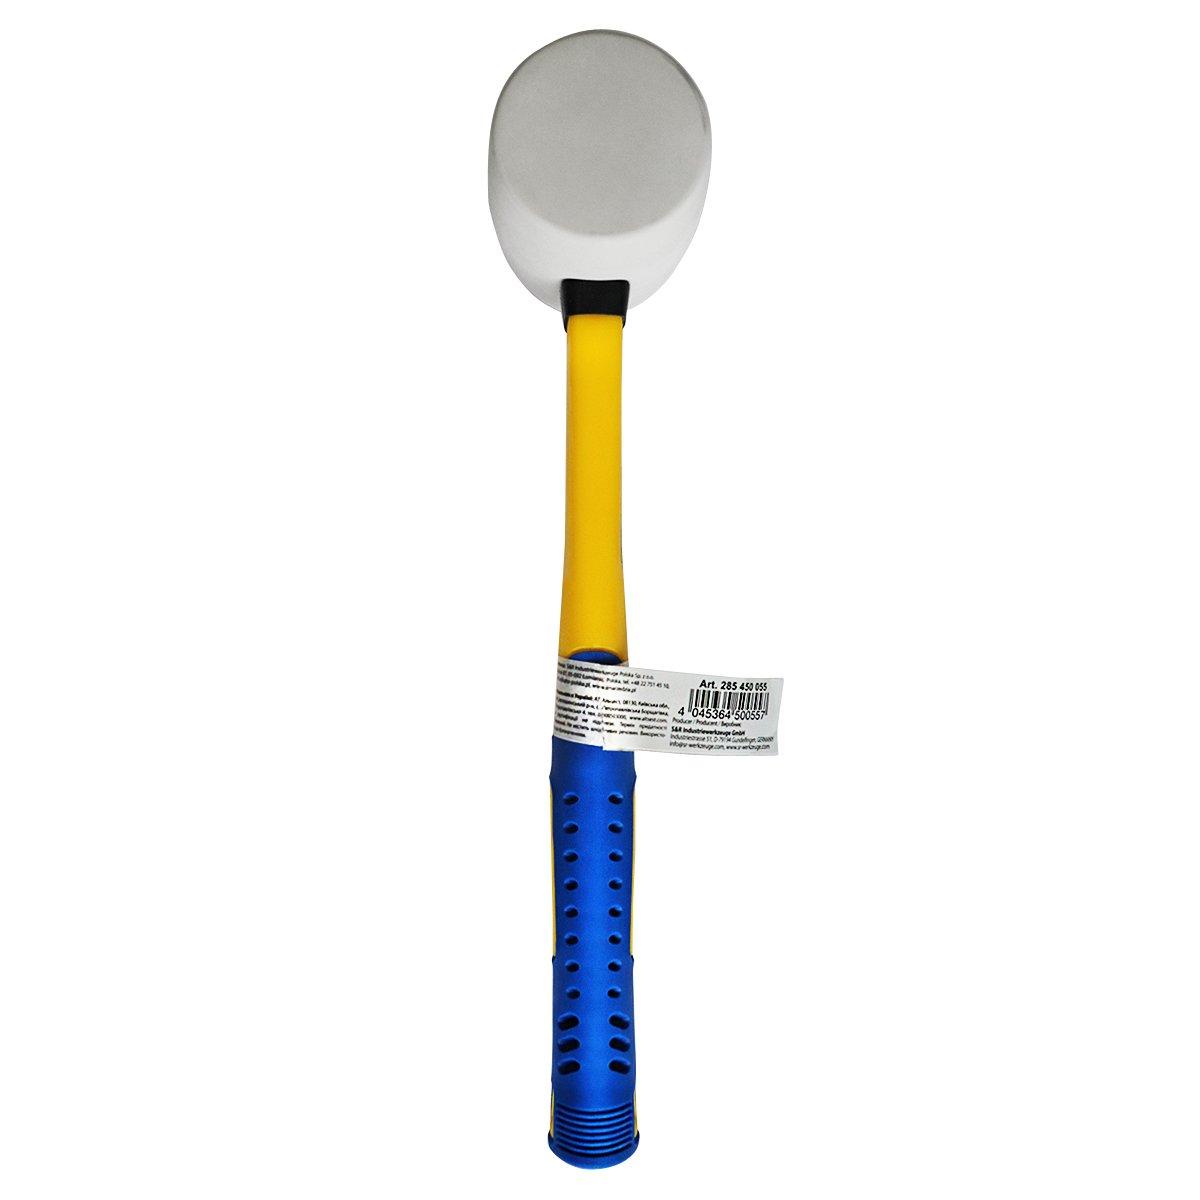 Manche en Fibre de verre et rev/êtement en PVC 230 g diam/ètre 45 mm S/&R Maillet // Marteau en Caoutchouc Blanc